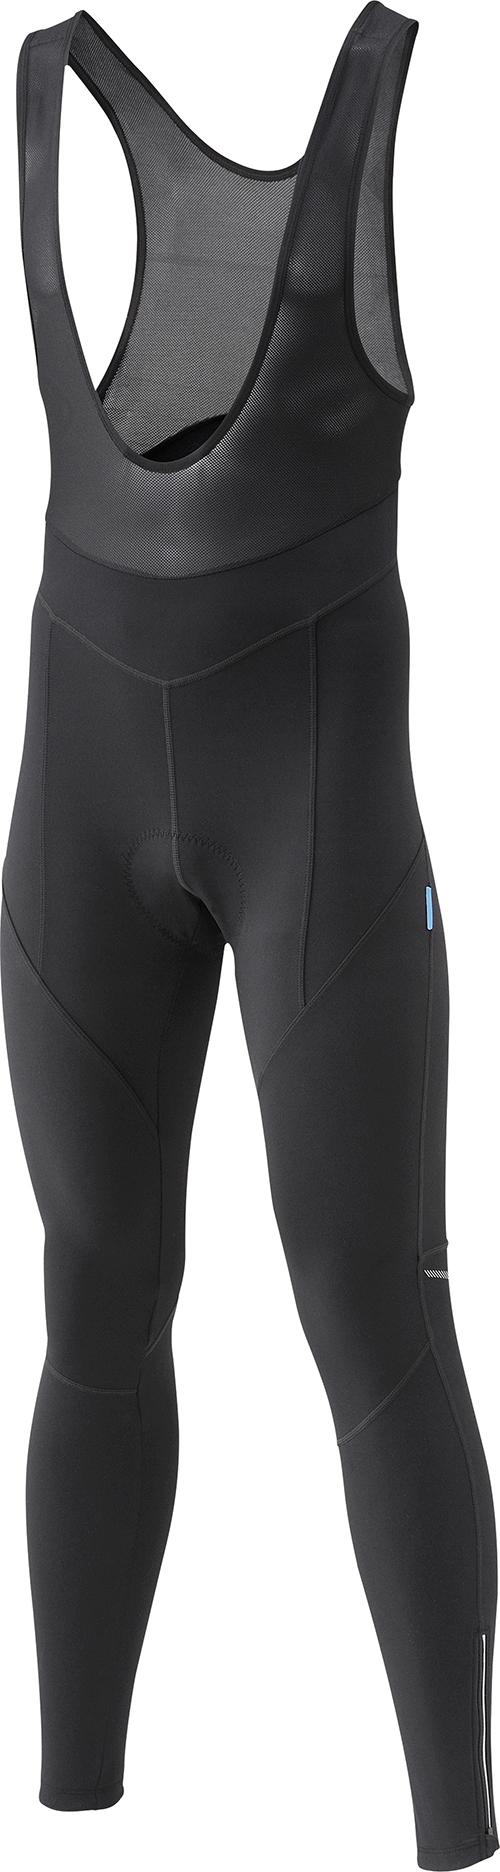 SHIMANO Performance Winter kalhoty s laclem, černá, M